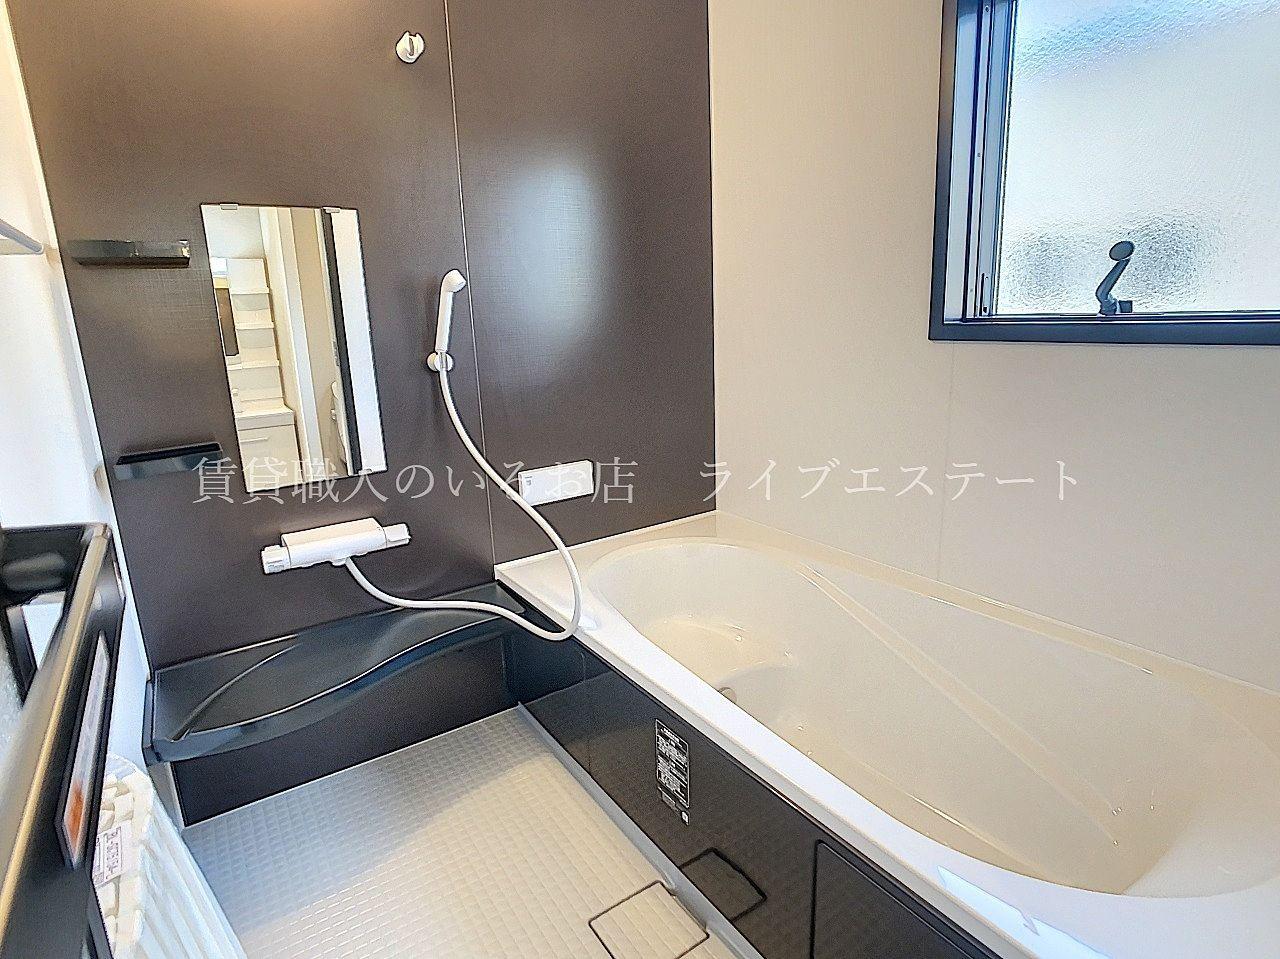 引きしまったカラーでかっこいい雰囲気のお風呂